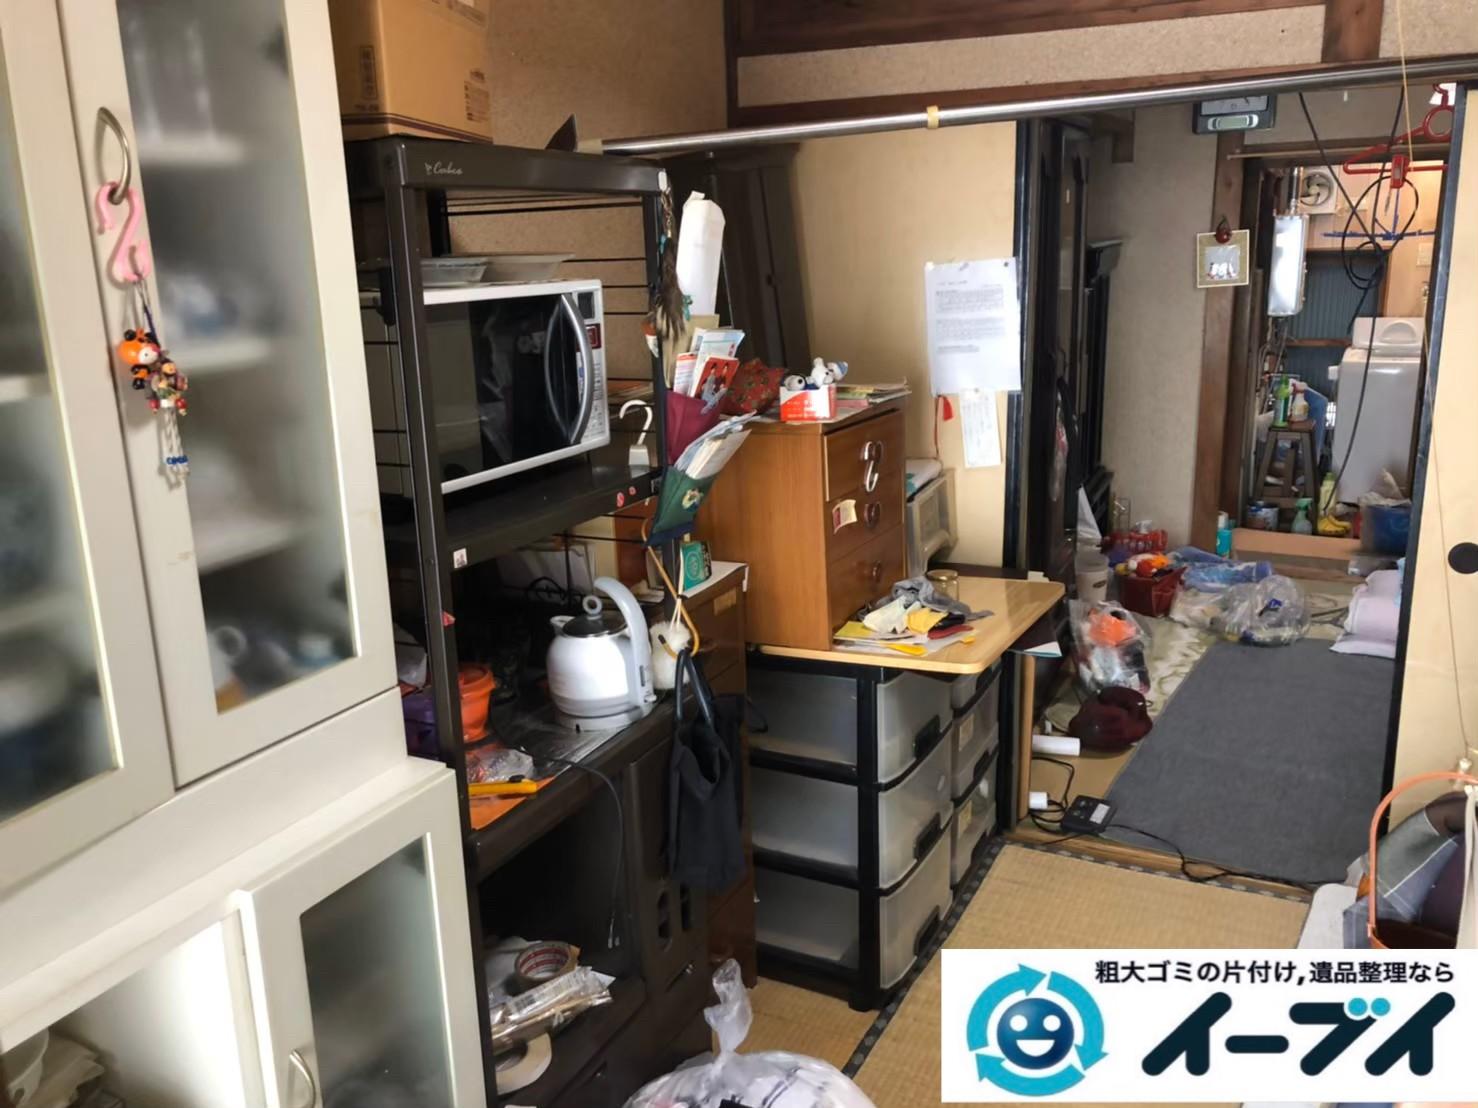 2020年8月12日大阪府大阪市中央区で引越しに伴い、お家の引っ越しゴミや残置物を不用品回収させていただきました。写真3